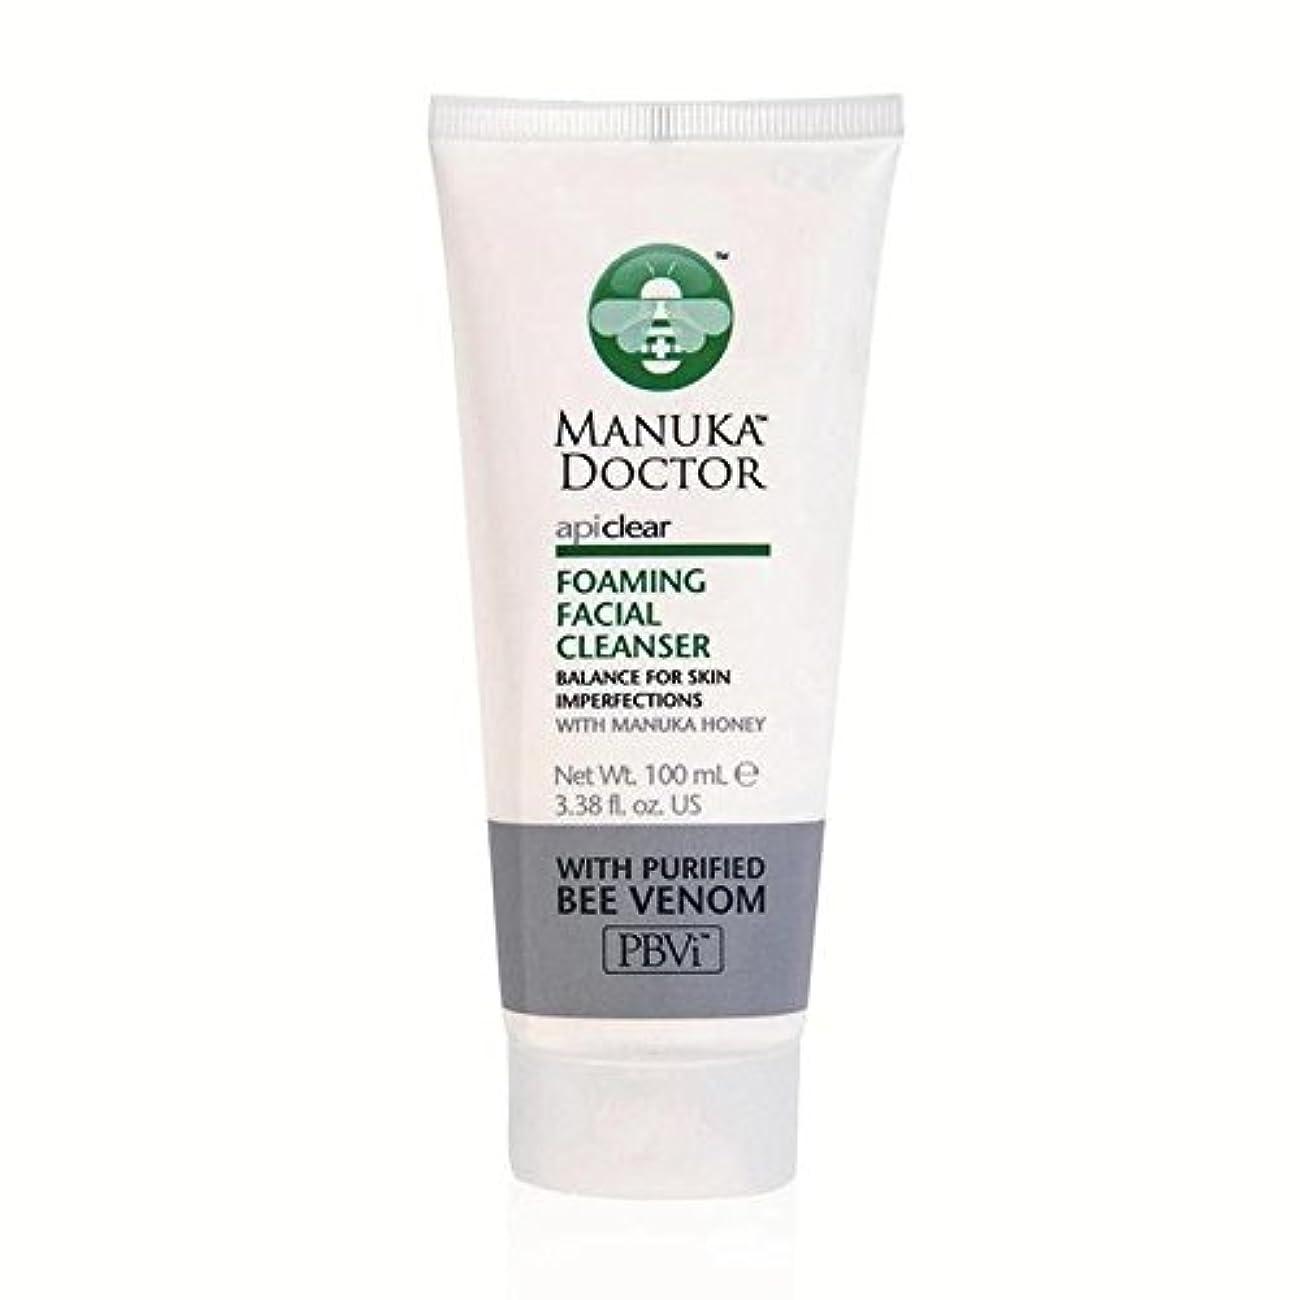 含める右より平らなマヌカドクター明確な泡立ち洗顔料の100ミリリットル x2 - Manuka Doctor Api Clear Foaming Facial Cleanser 100ml (Pack of 2) [並行輸入品]